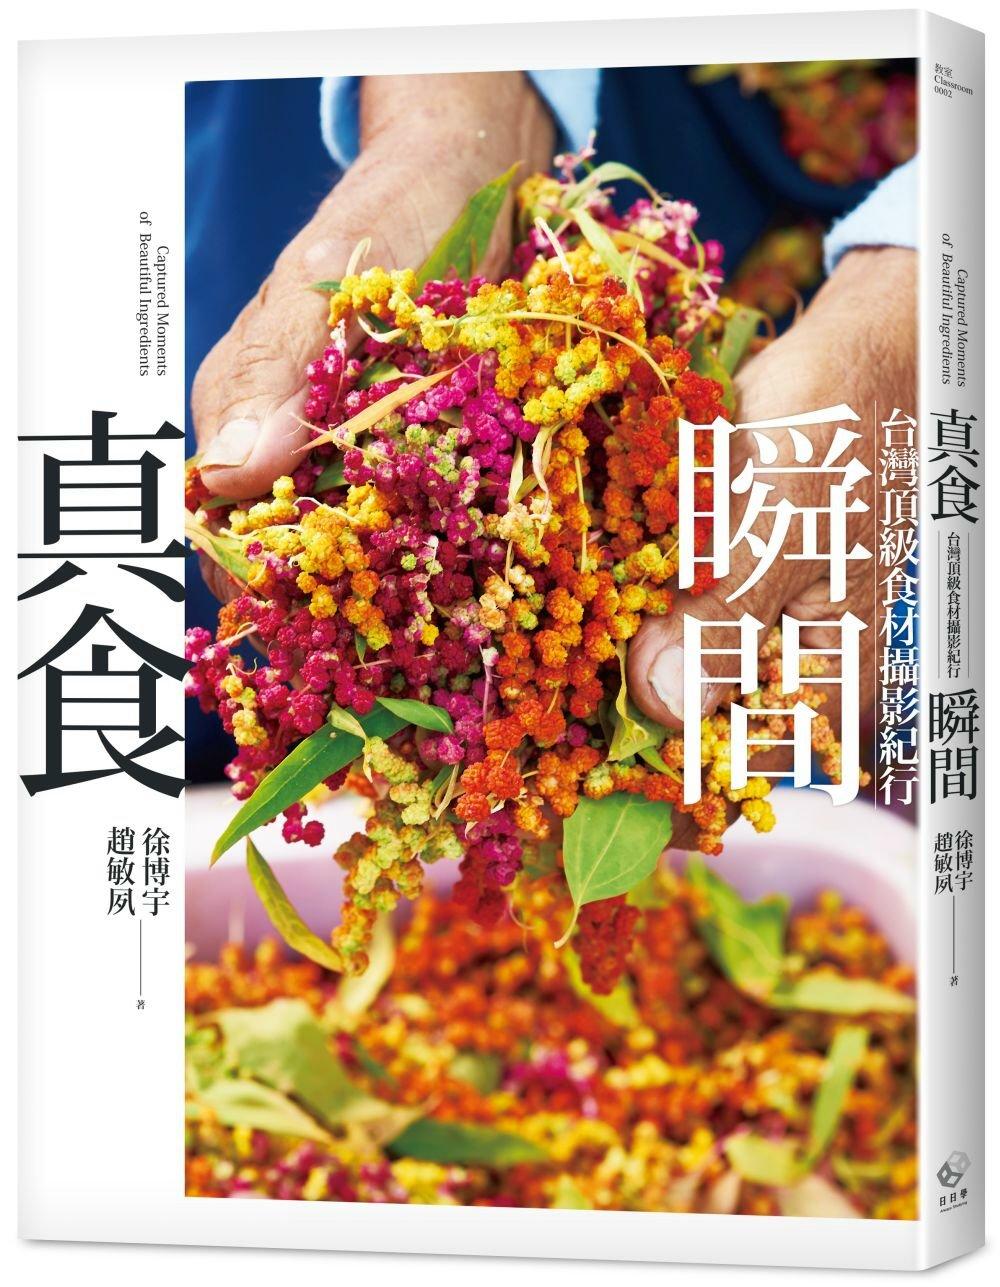 ◤博客來BOOKS◢ 暢銷書榜《推薦》真食瞬間:台灣頂級食材攝影紀行